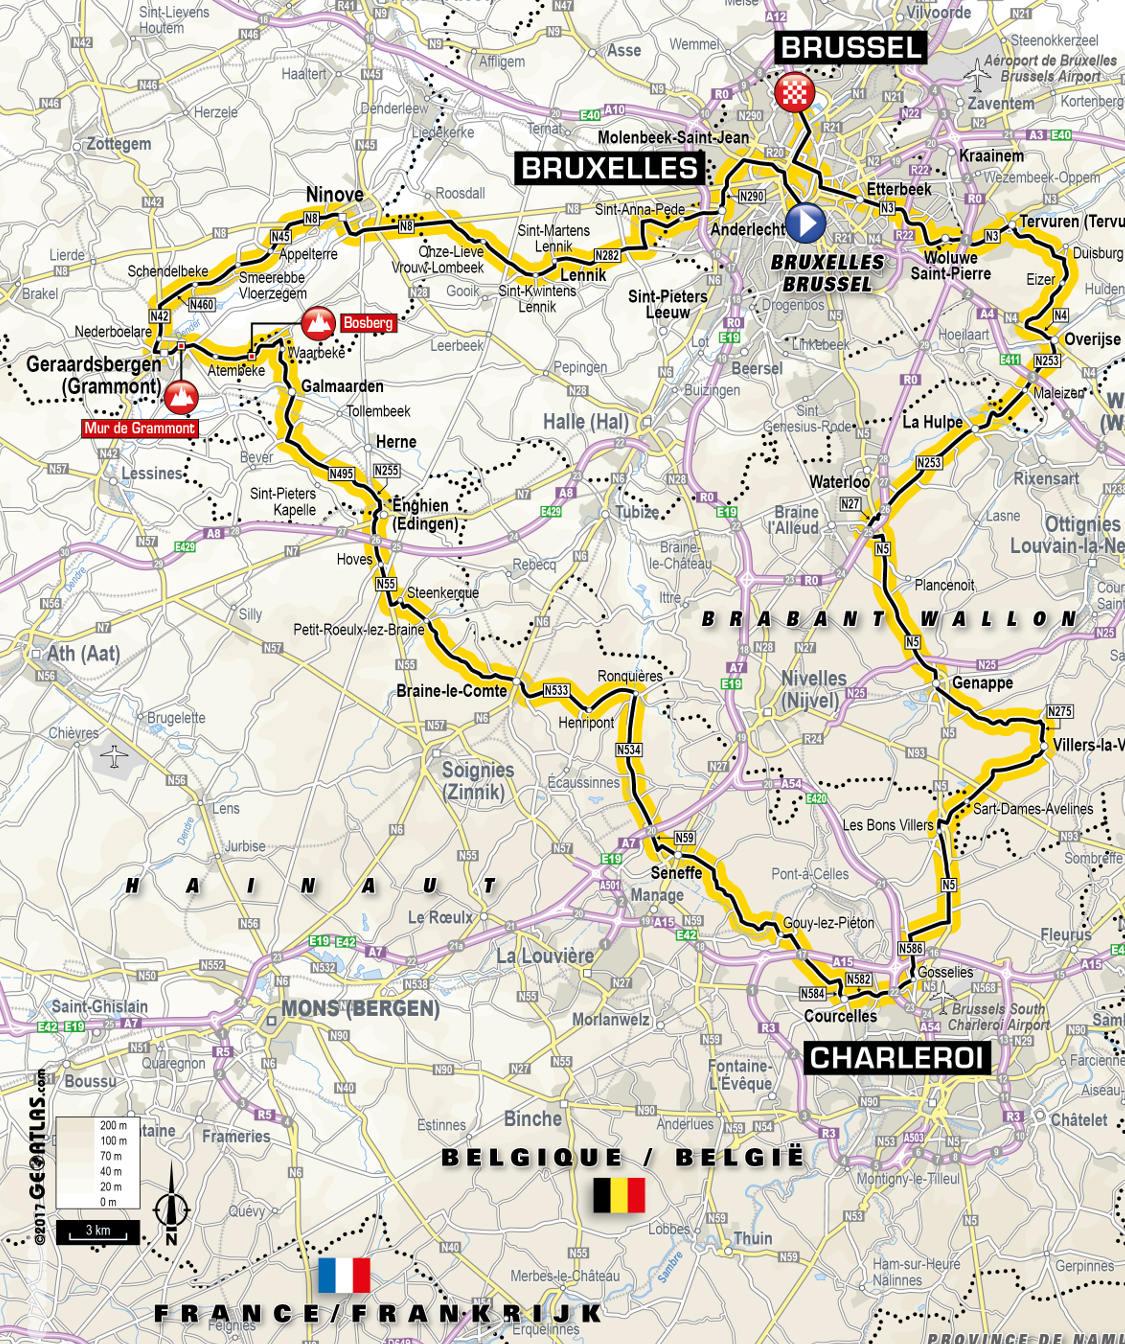 voorbeschouwing etappe 3 tour de france 2019